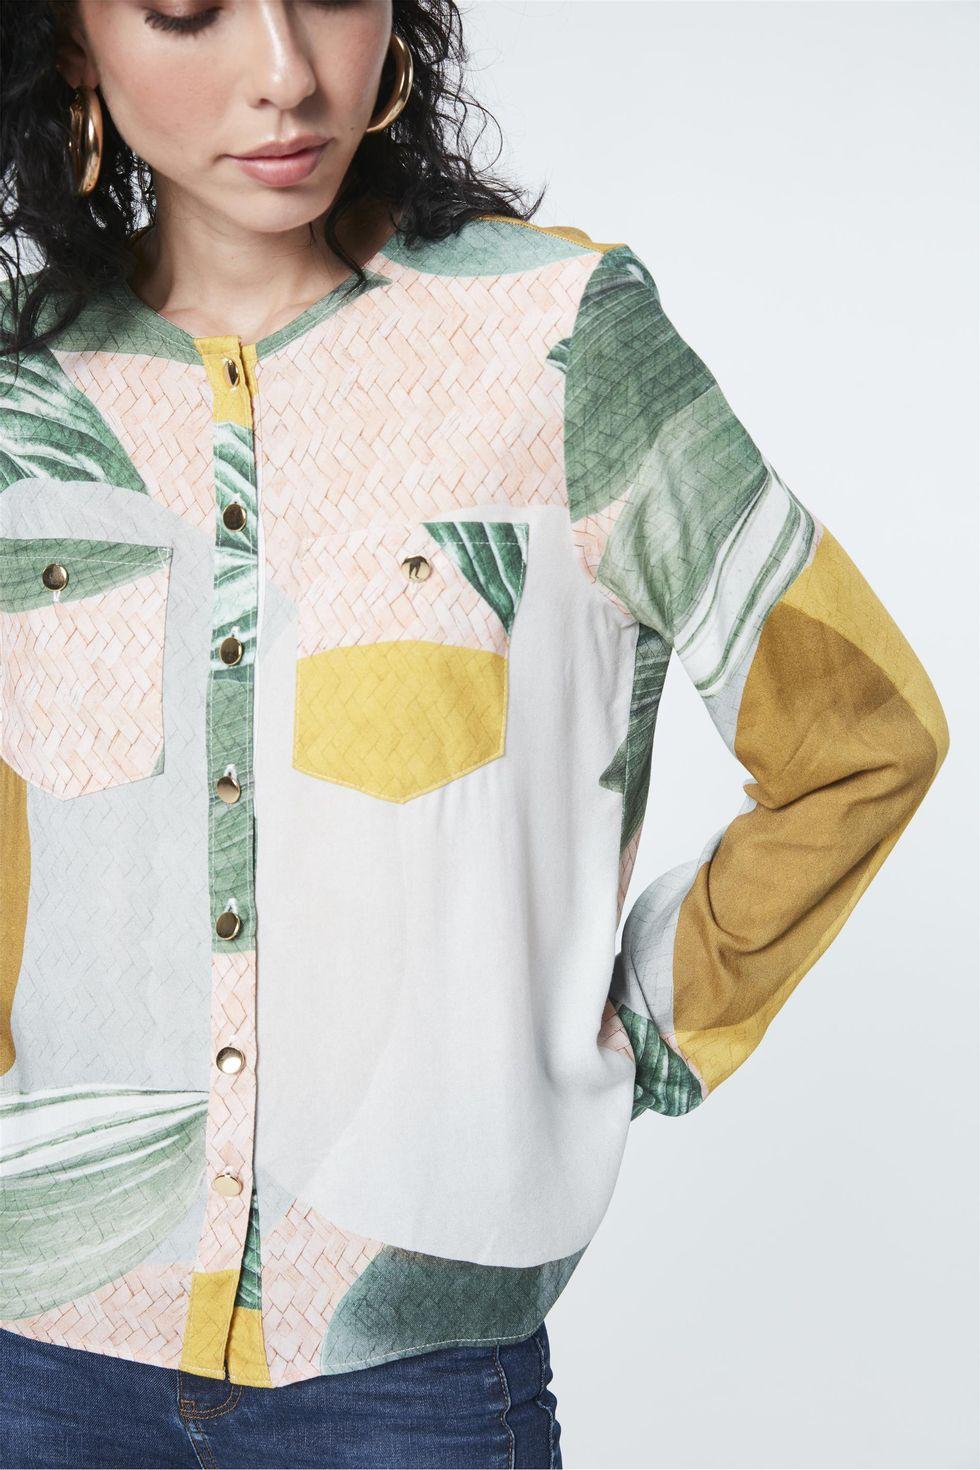 Camisa-Estampa-Geometrica-e-Folhagens-Frente--